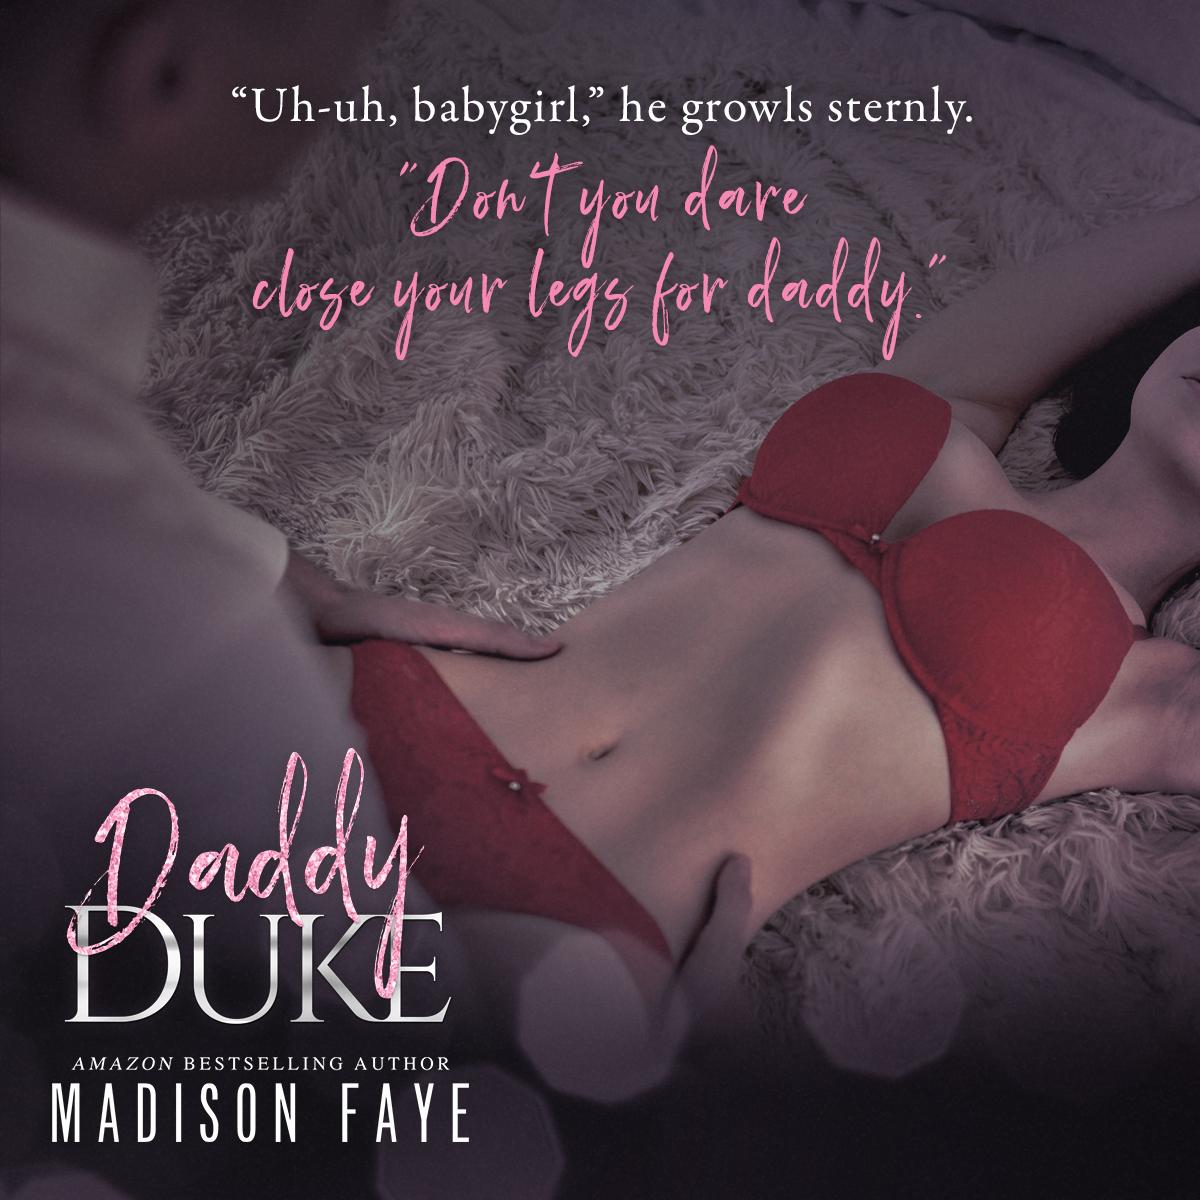 DaddyDuke_Teaser3.jpg